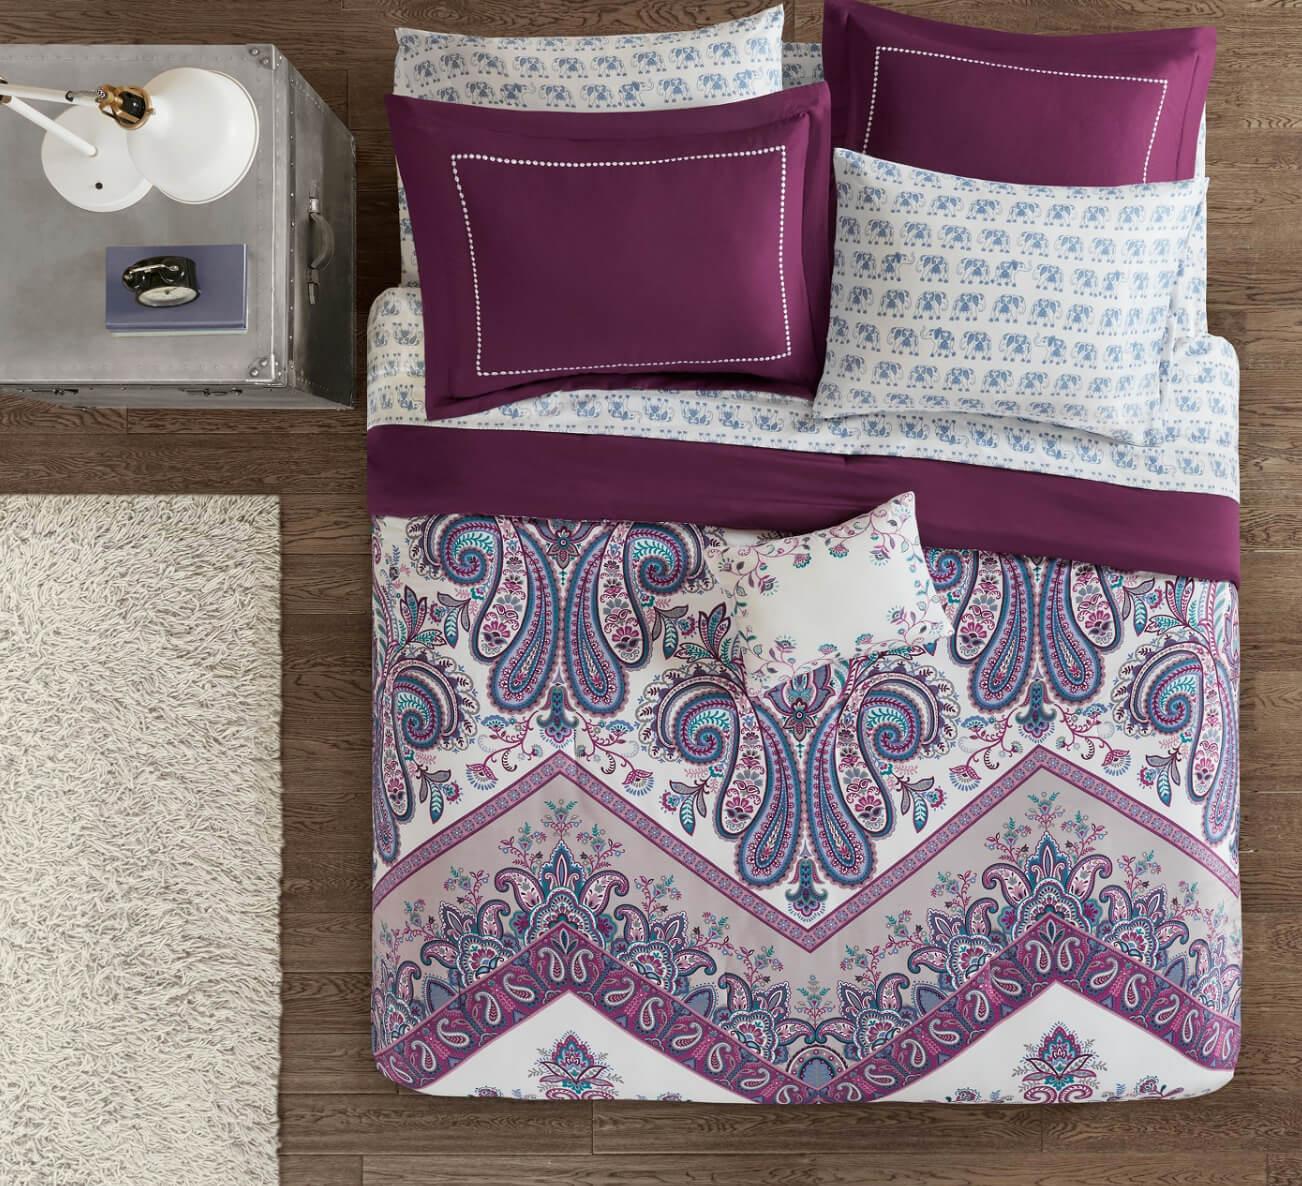 ایده عالی اتاق خواب 1